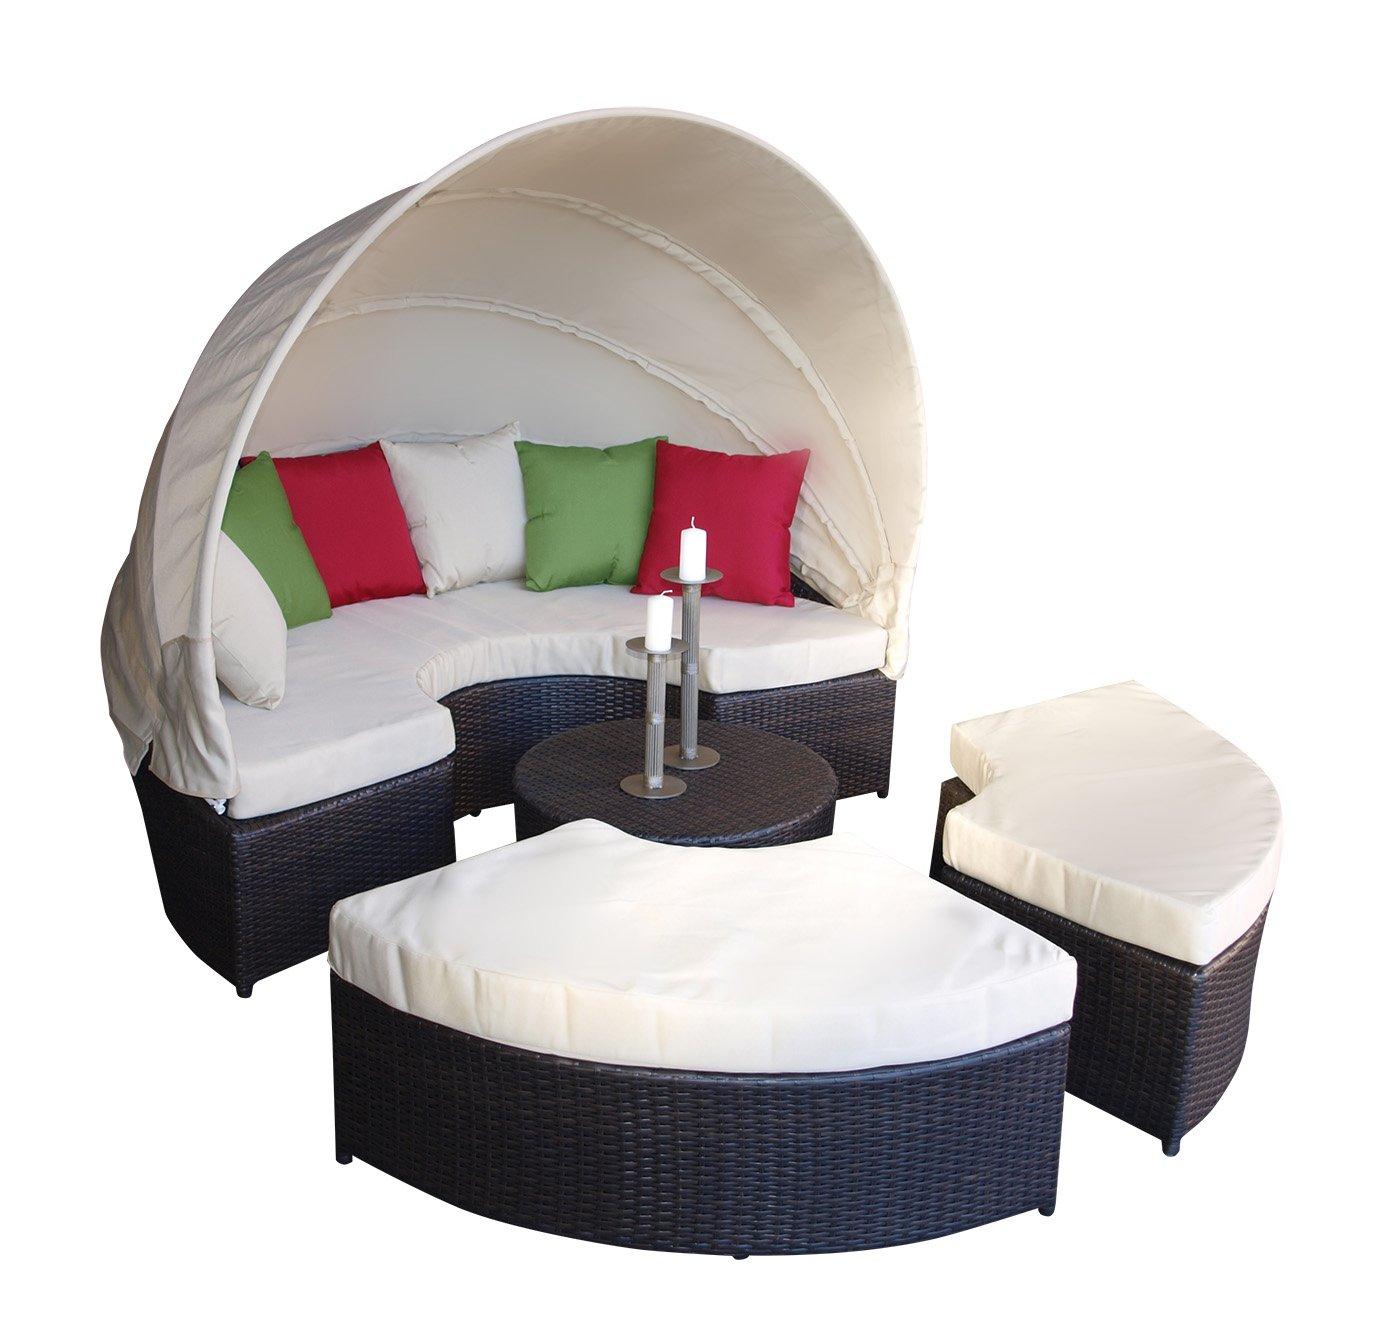 Liegeinsel ALCUDIA aus Alu + Polyrattan dunkelbraun, Polster ecru, nutzbar als Lounge Garnitur online kaufen